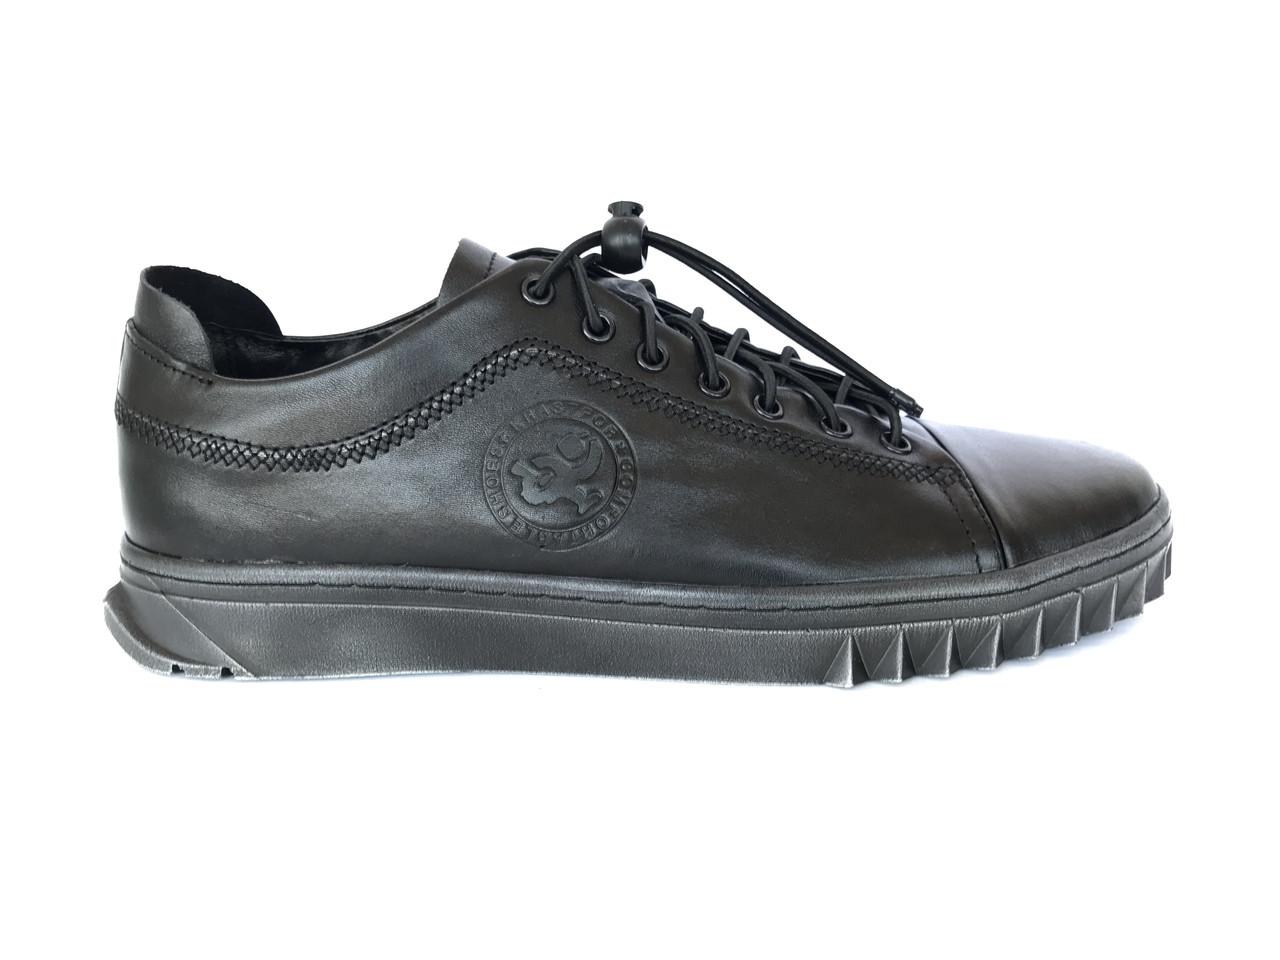 Чоловічі черевики з натуральної шкіри чорного кольору Krastfor